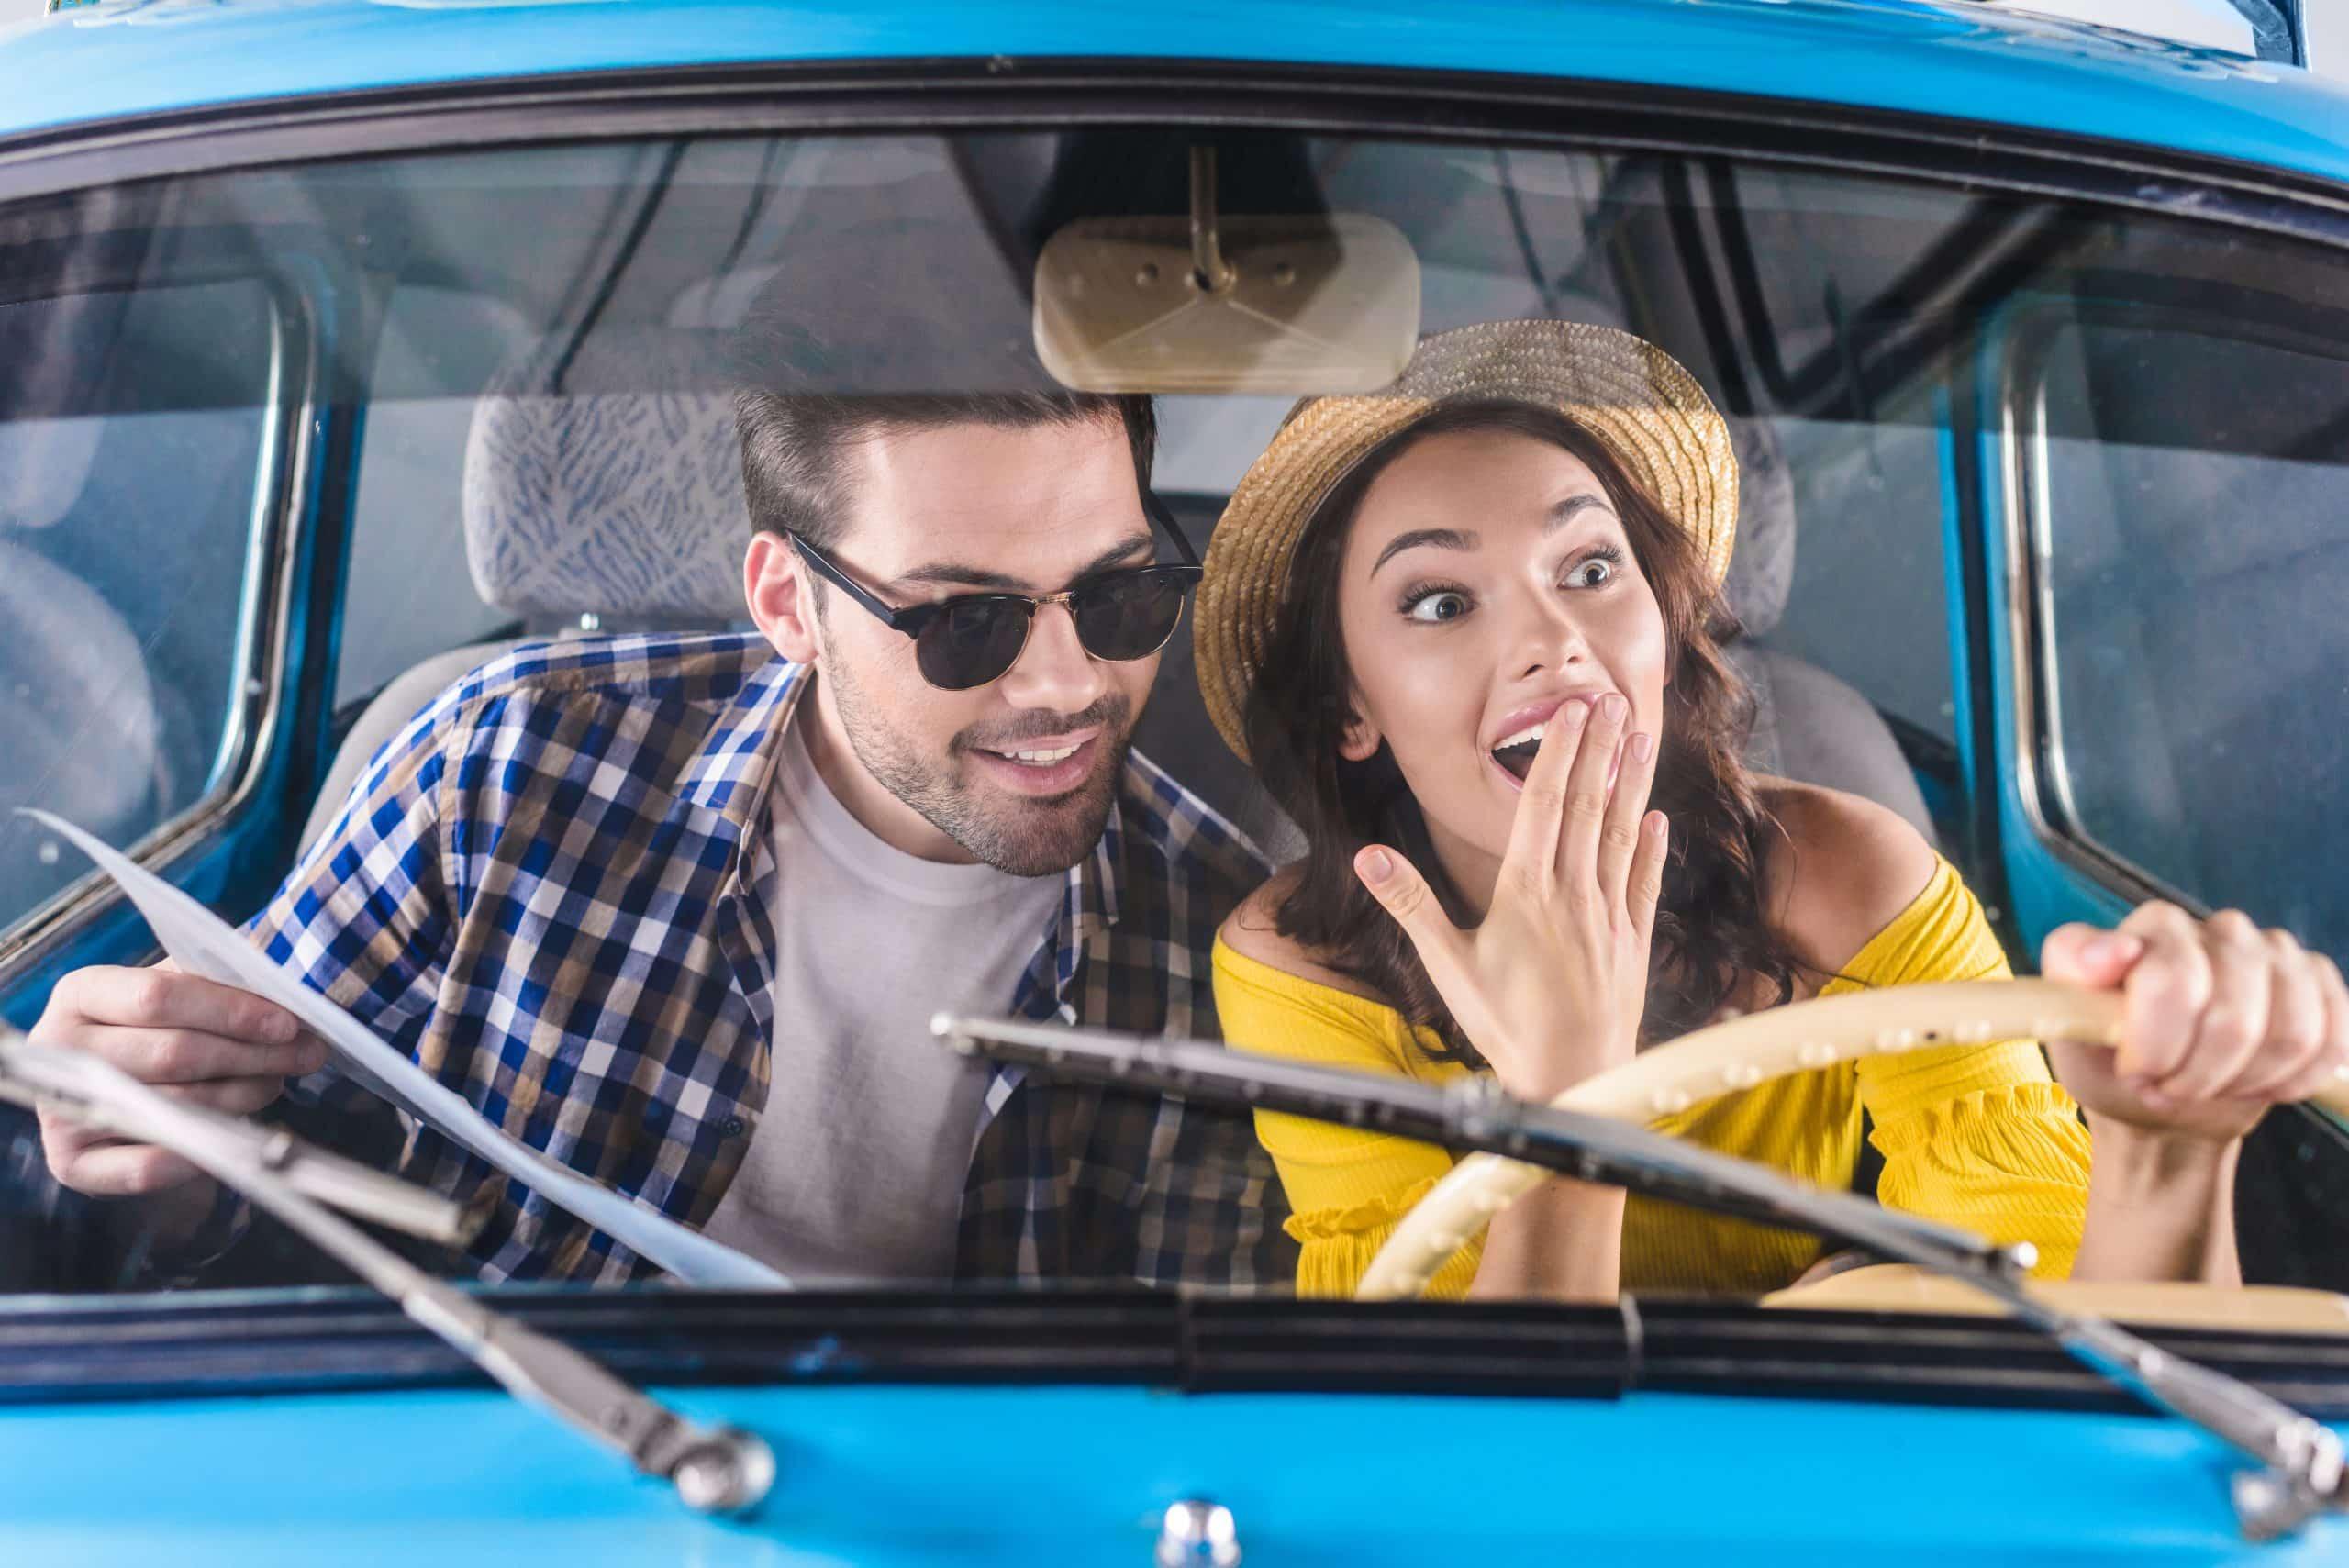 Тест: Как хорошо вы разбираетесь в автозаблуждениях?